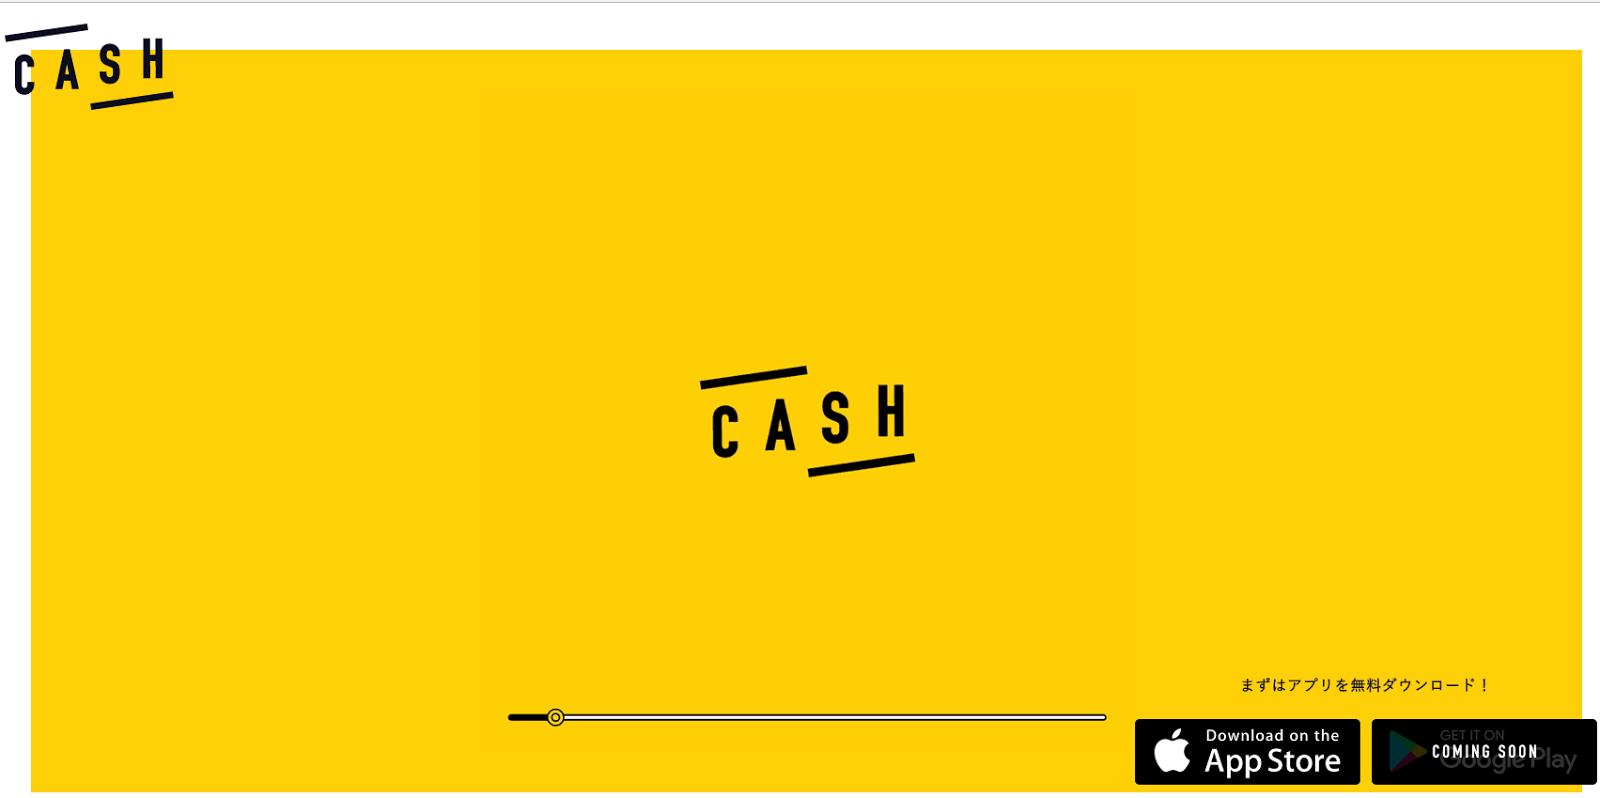 メルカリを超える質屋アプリ「CASH」のメリット・デメリットについてくわしく